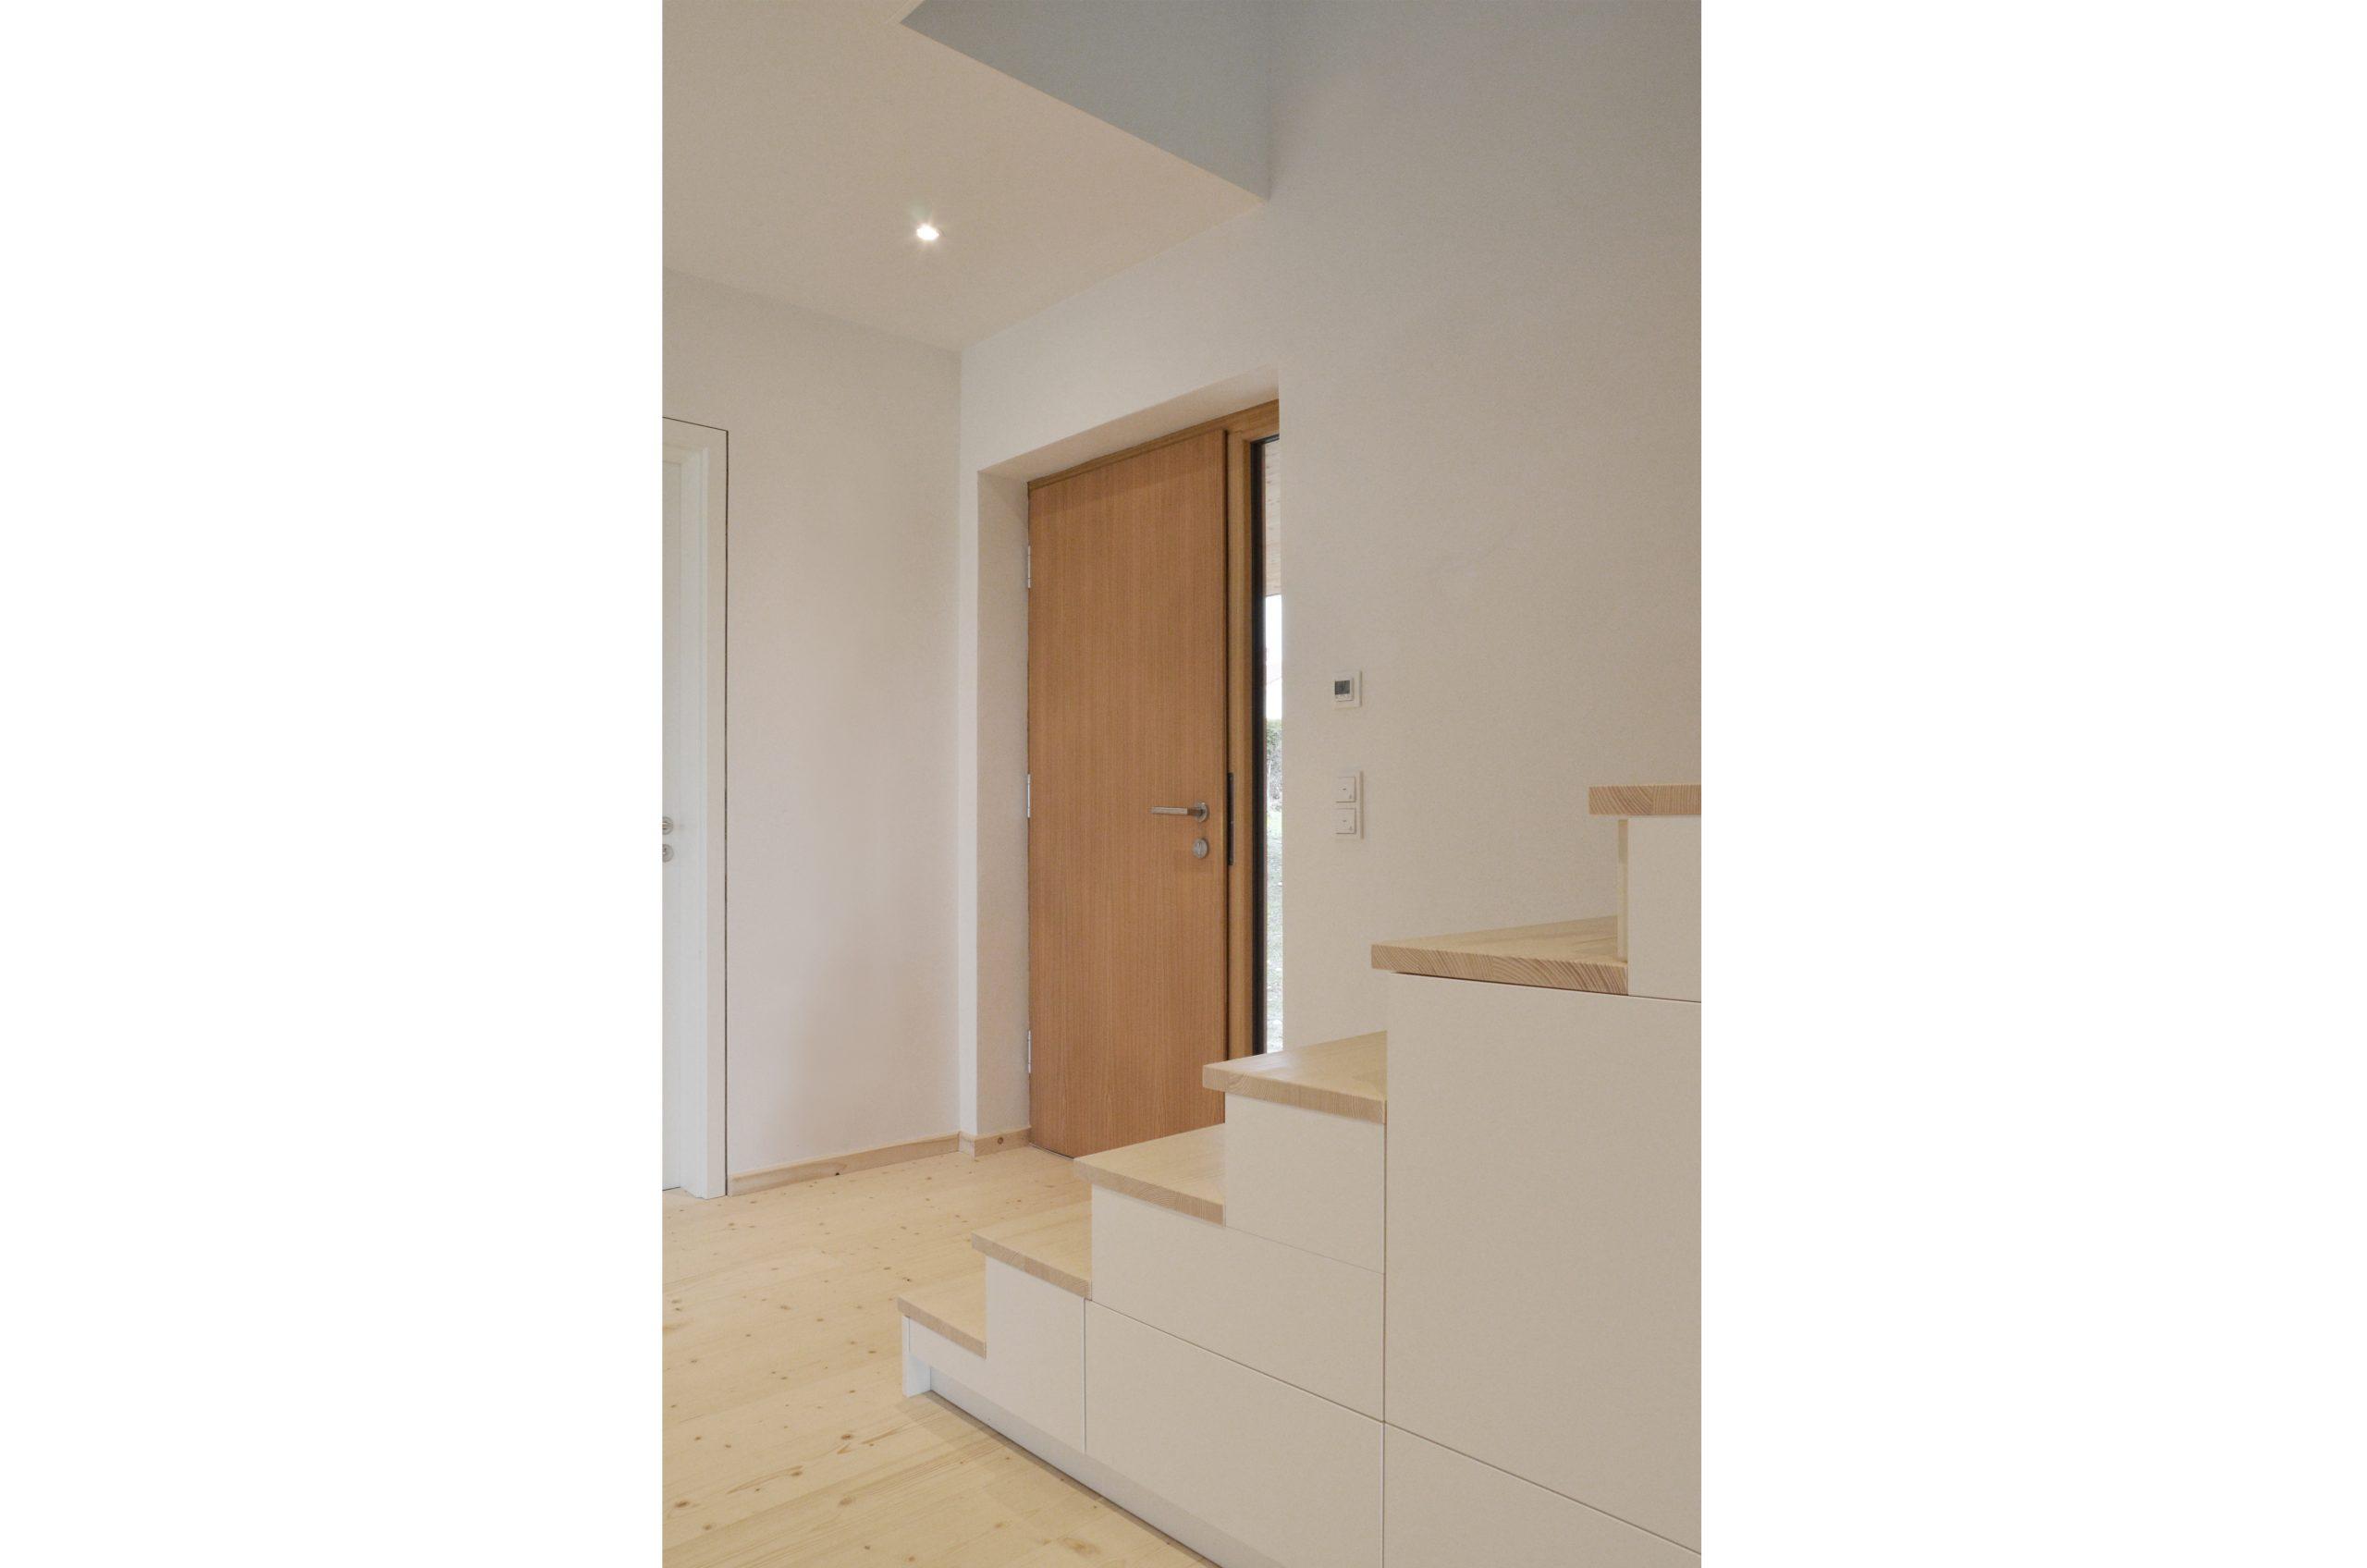 jacob-mayer-voigt-architekt-interior-design-architektur-holzhaus-design-treppe-minimalismus